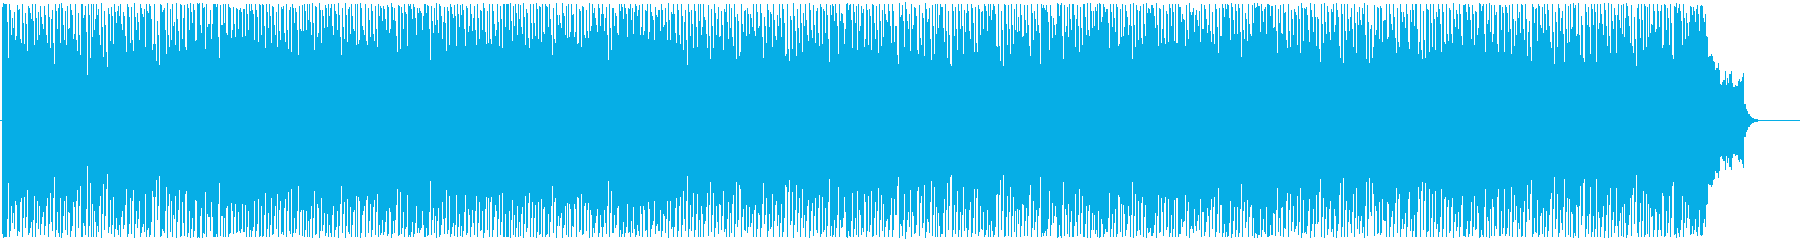 ウキウキするような楽しいBGMの再生済みの波形